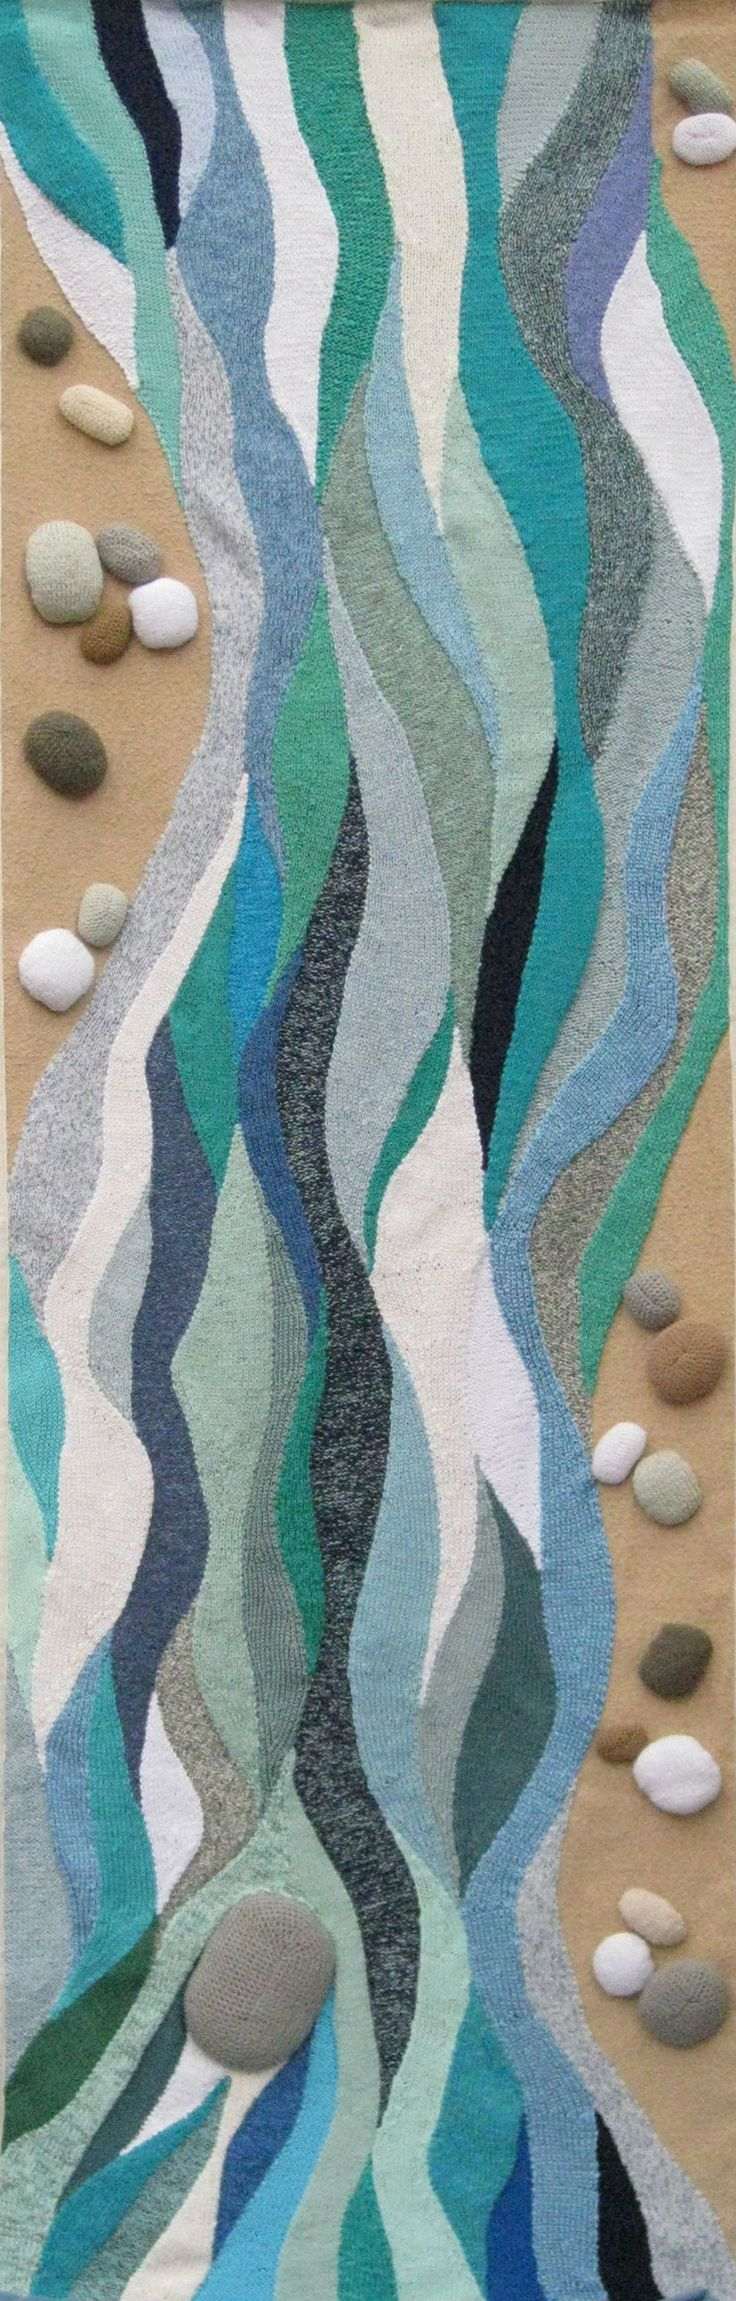 Fluire #arazzo sui generis: fettucce di #maglia, realizzate a mano, modellate con aumenti, diminuzioni e sospesi, cucite affiancate e montate su un tessuto da arredamento. #handmade #knitting #3Dtextile terzo premio #artigianatovivo #cison